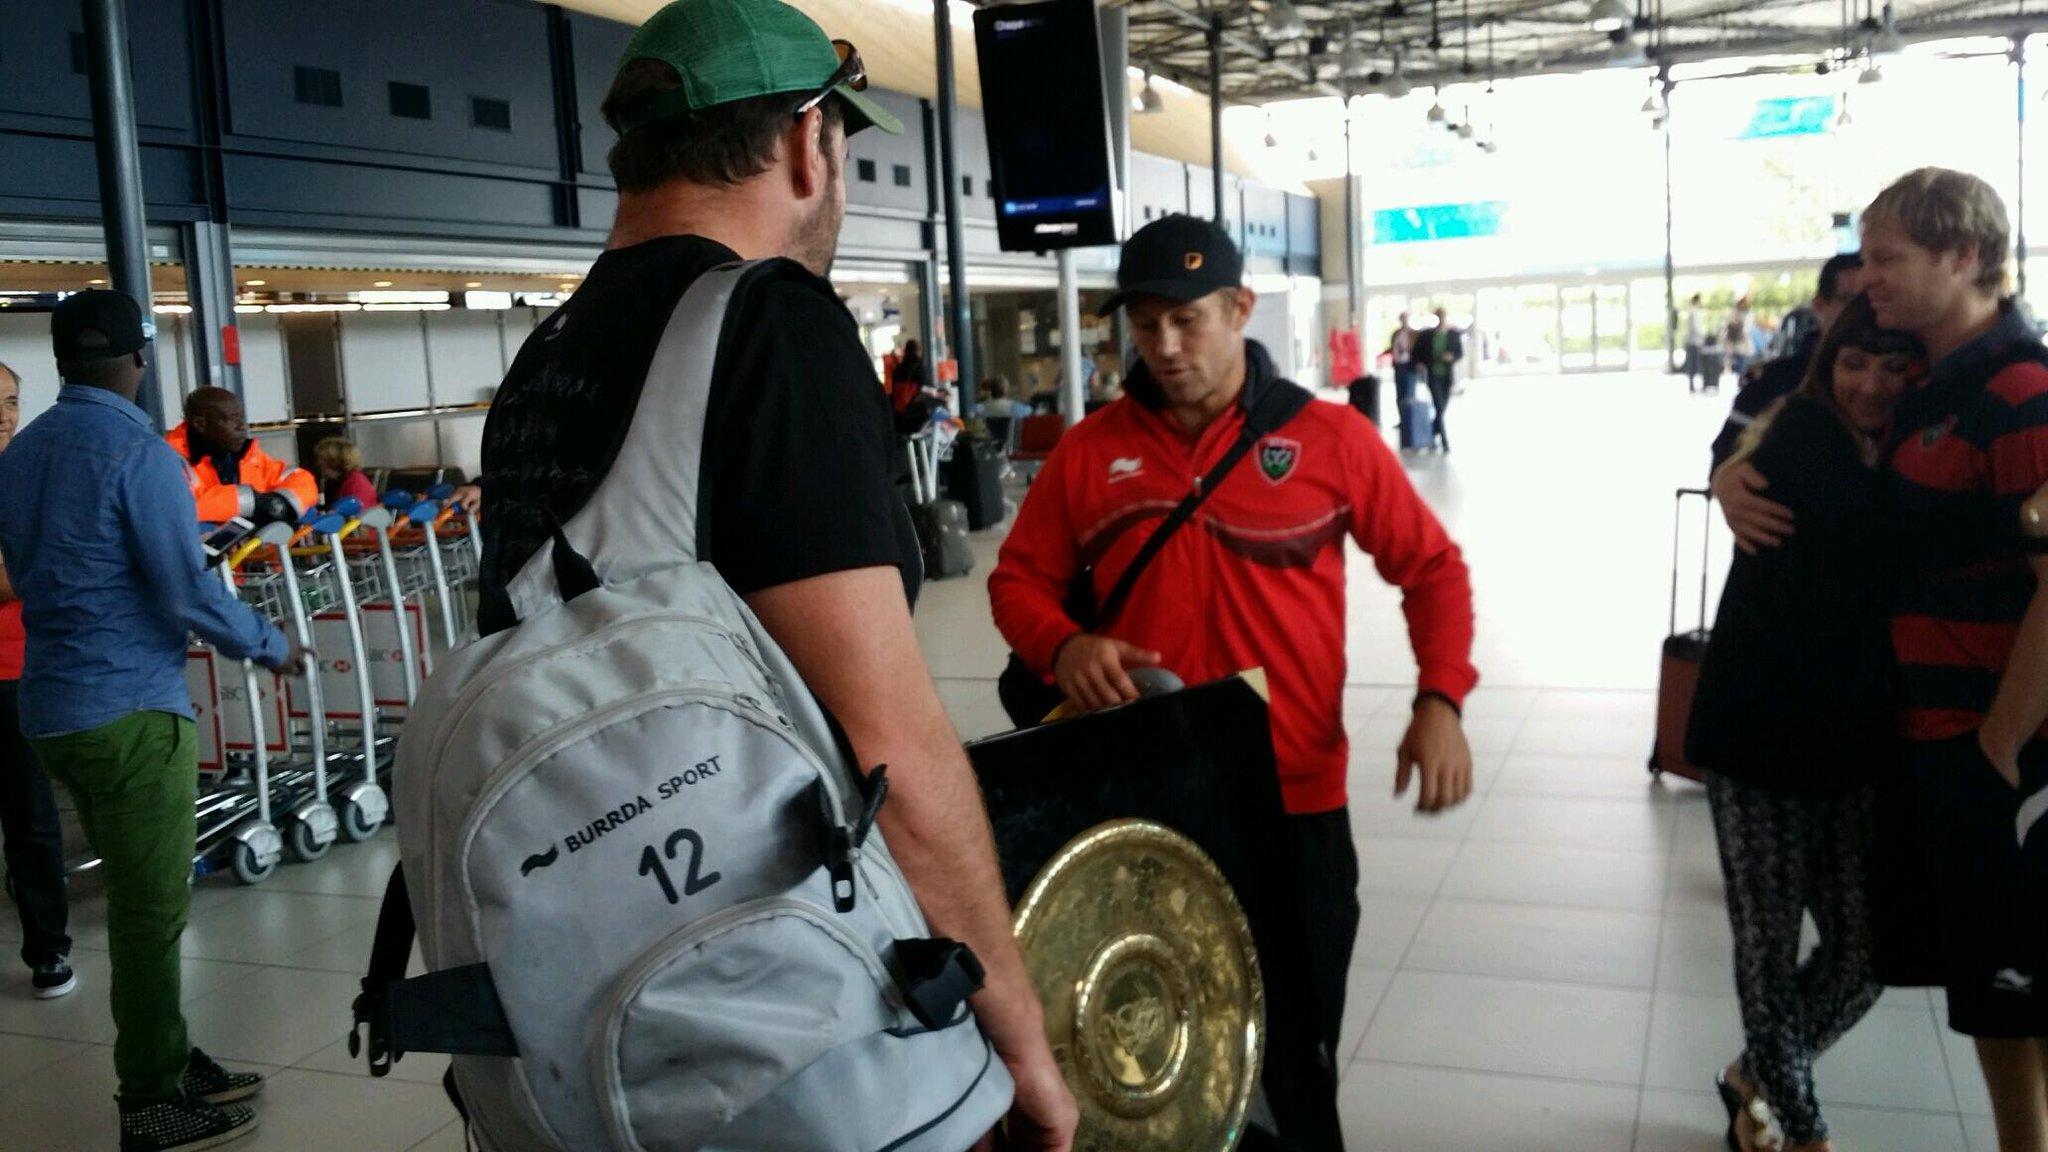 Fly with God, direction Toulon pour une journée de dingue à vivre sur #France2 http://t.co/CxjEHClQfr